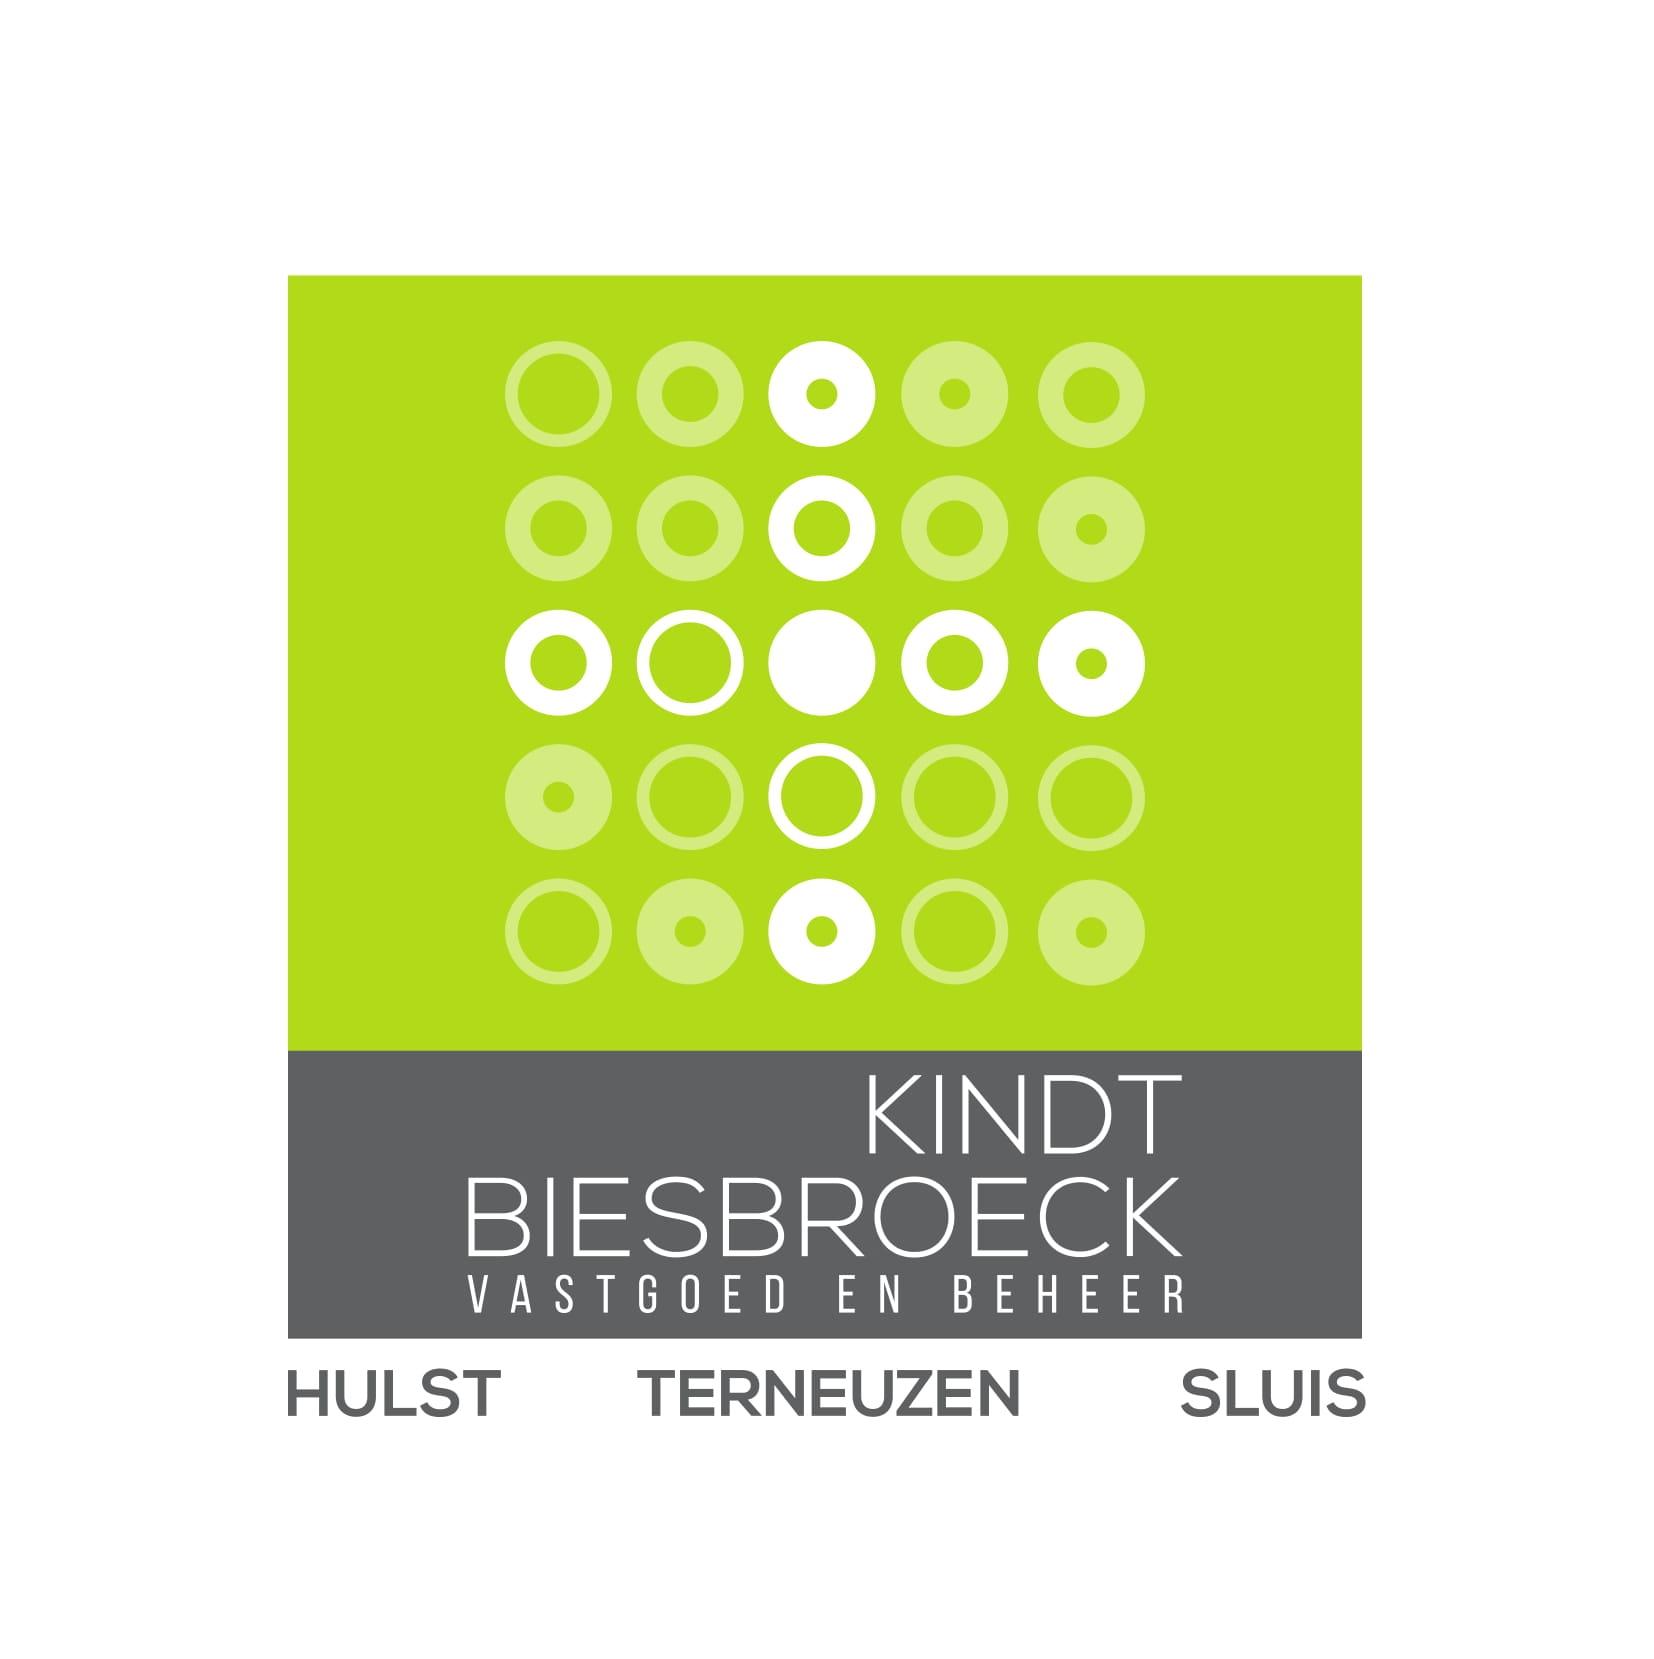 Kindt & Biesbroeck logo inc adres HOOFDSPONSOR-1.jpg